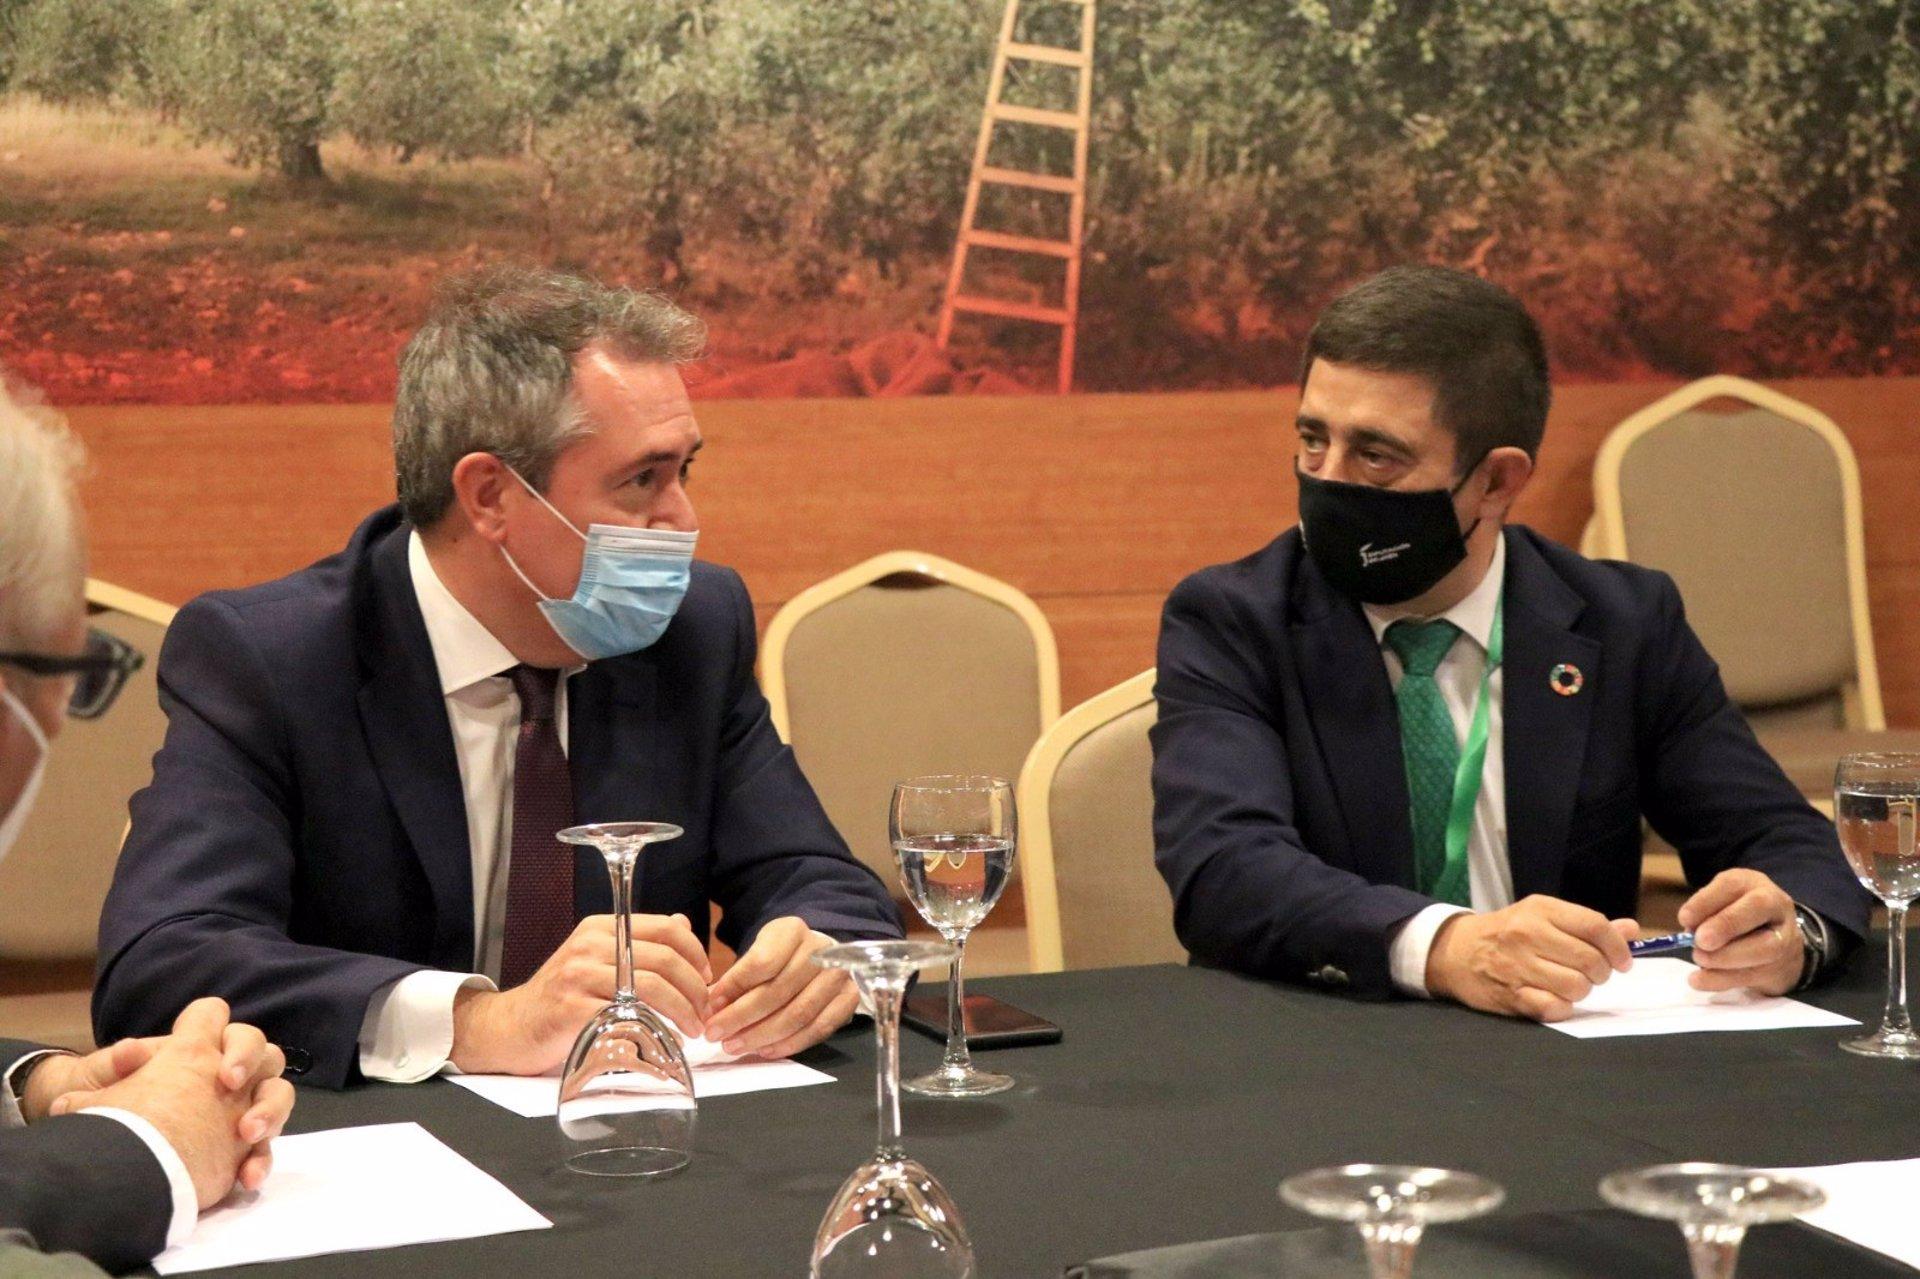 Espadas revela que será el 1 de octubre cuando se reunirá con Moreno con «mano tendida» en torno al Presupuesto de 2022